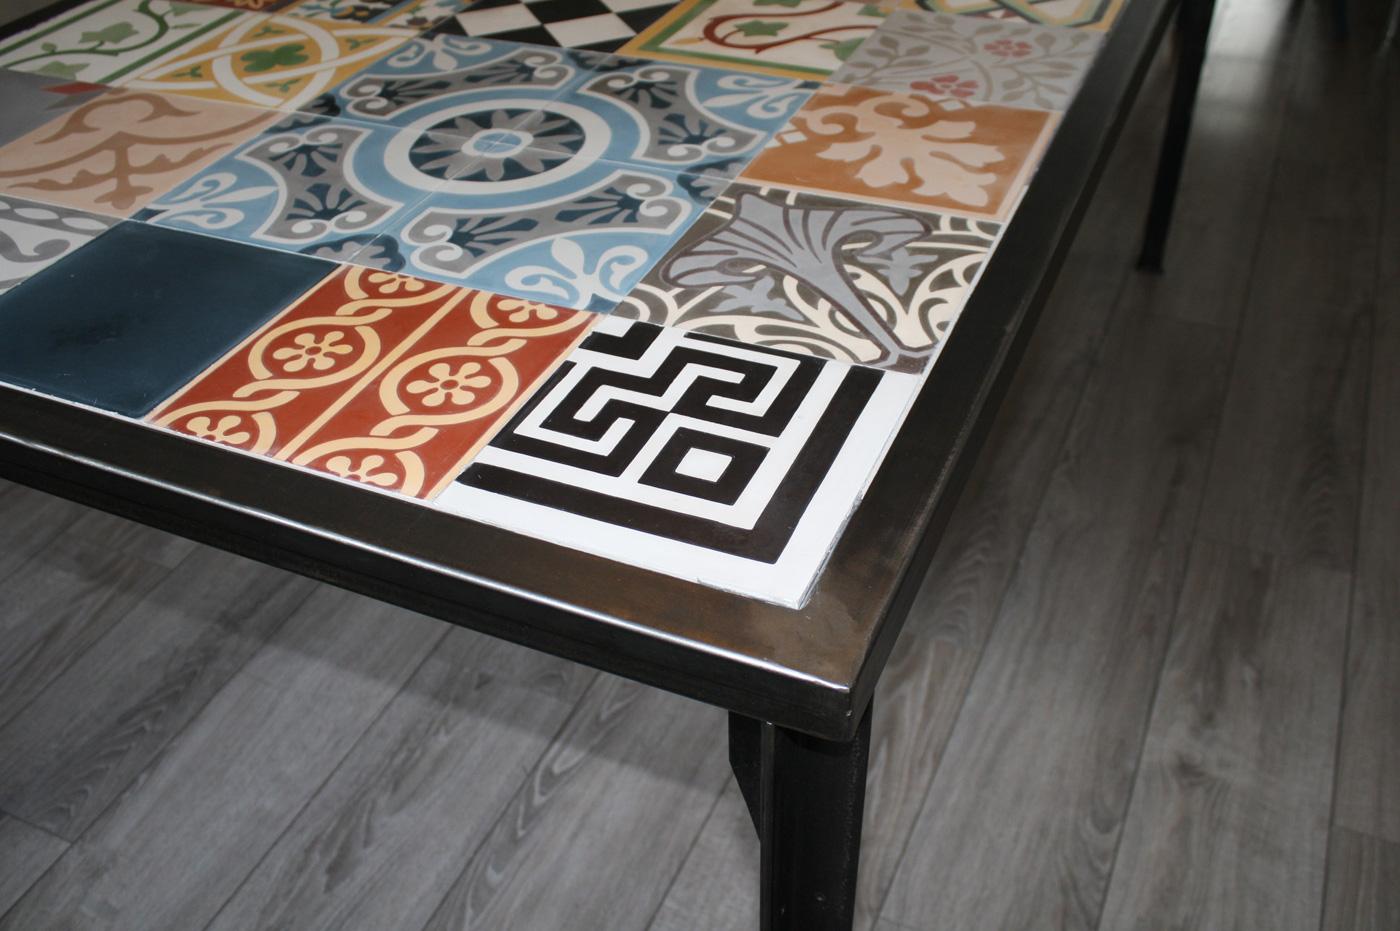 table mosa que carreaux de ciment d tail 47 13 39 nantes. Black Bedroom Furniture Sets. Home Design Ideas